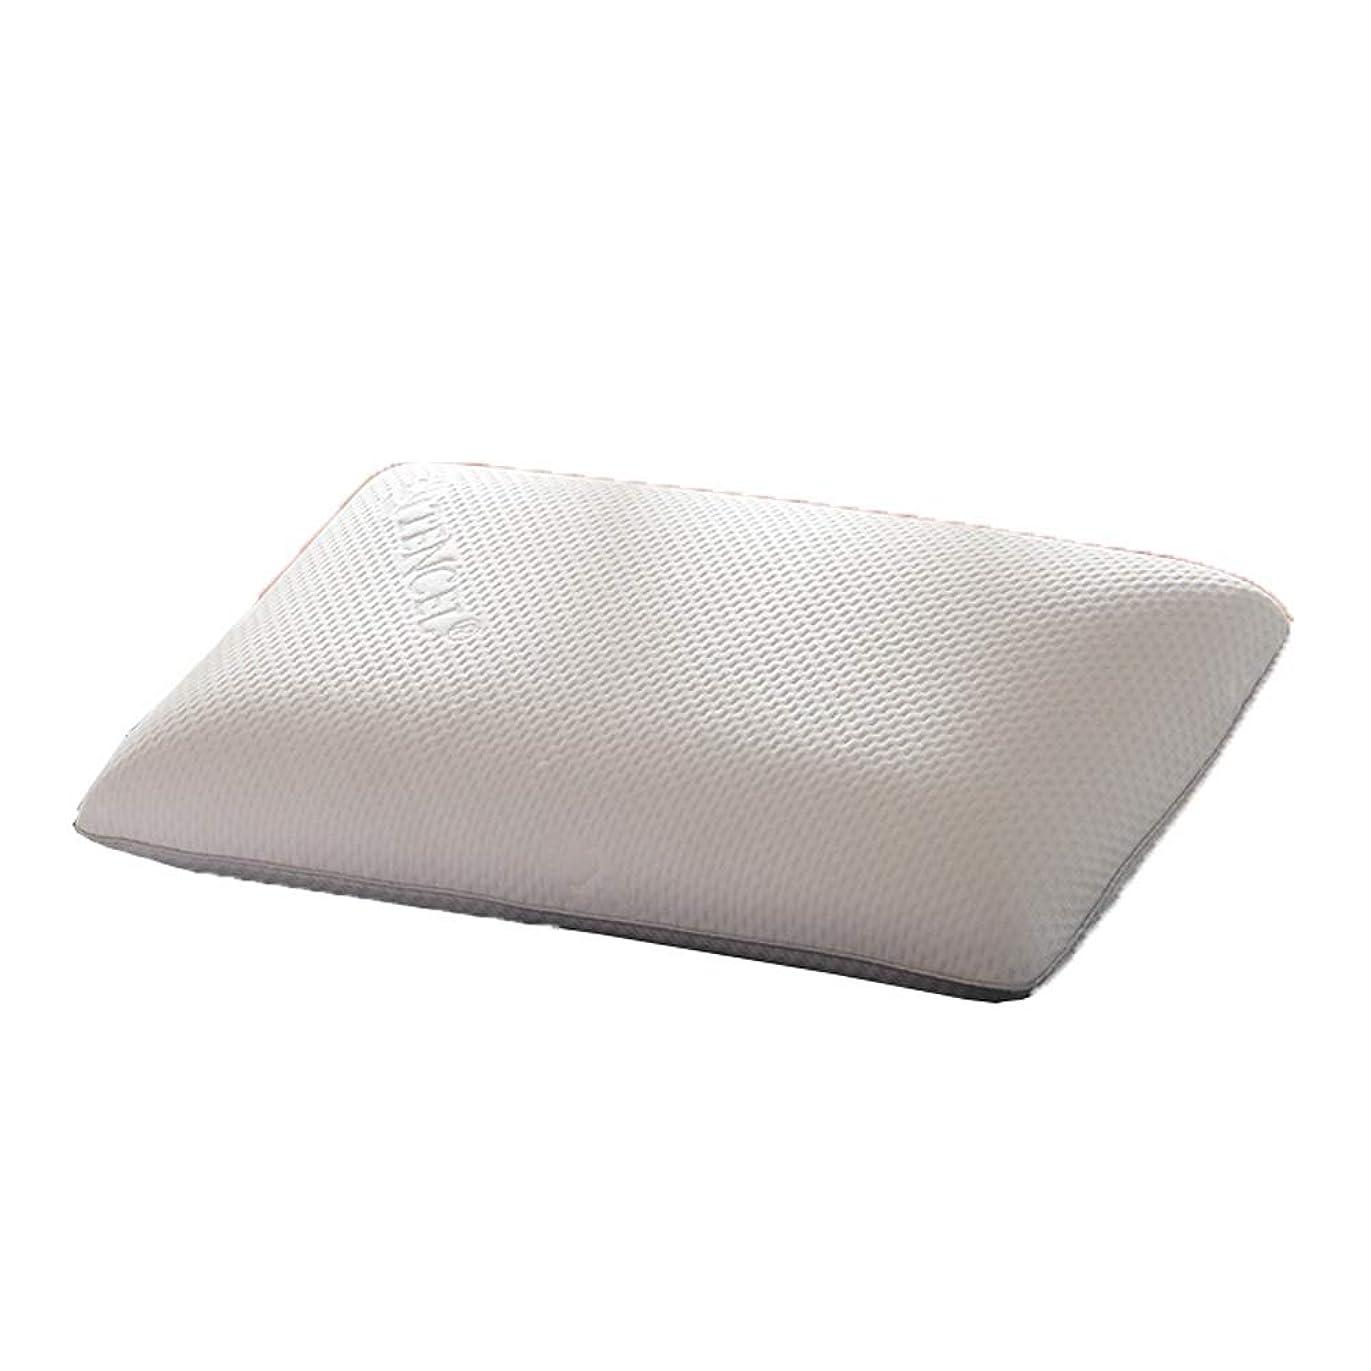 モザイク穀物どう?HNラテックス枕 ラテックス枕 - 枕細胞通気性ラテックス枕フレンチラテックス枕